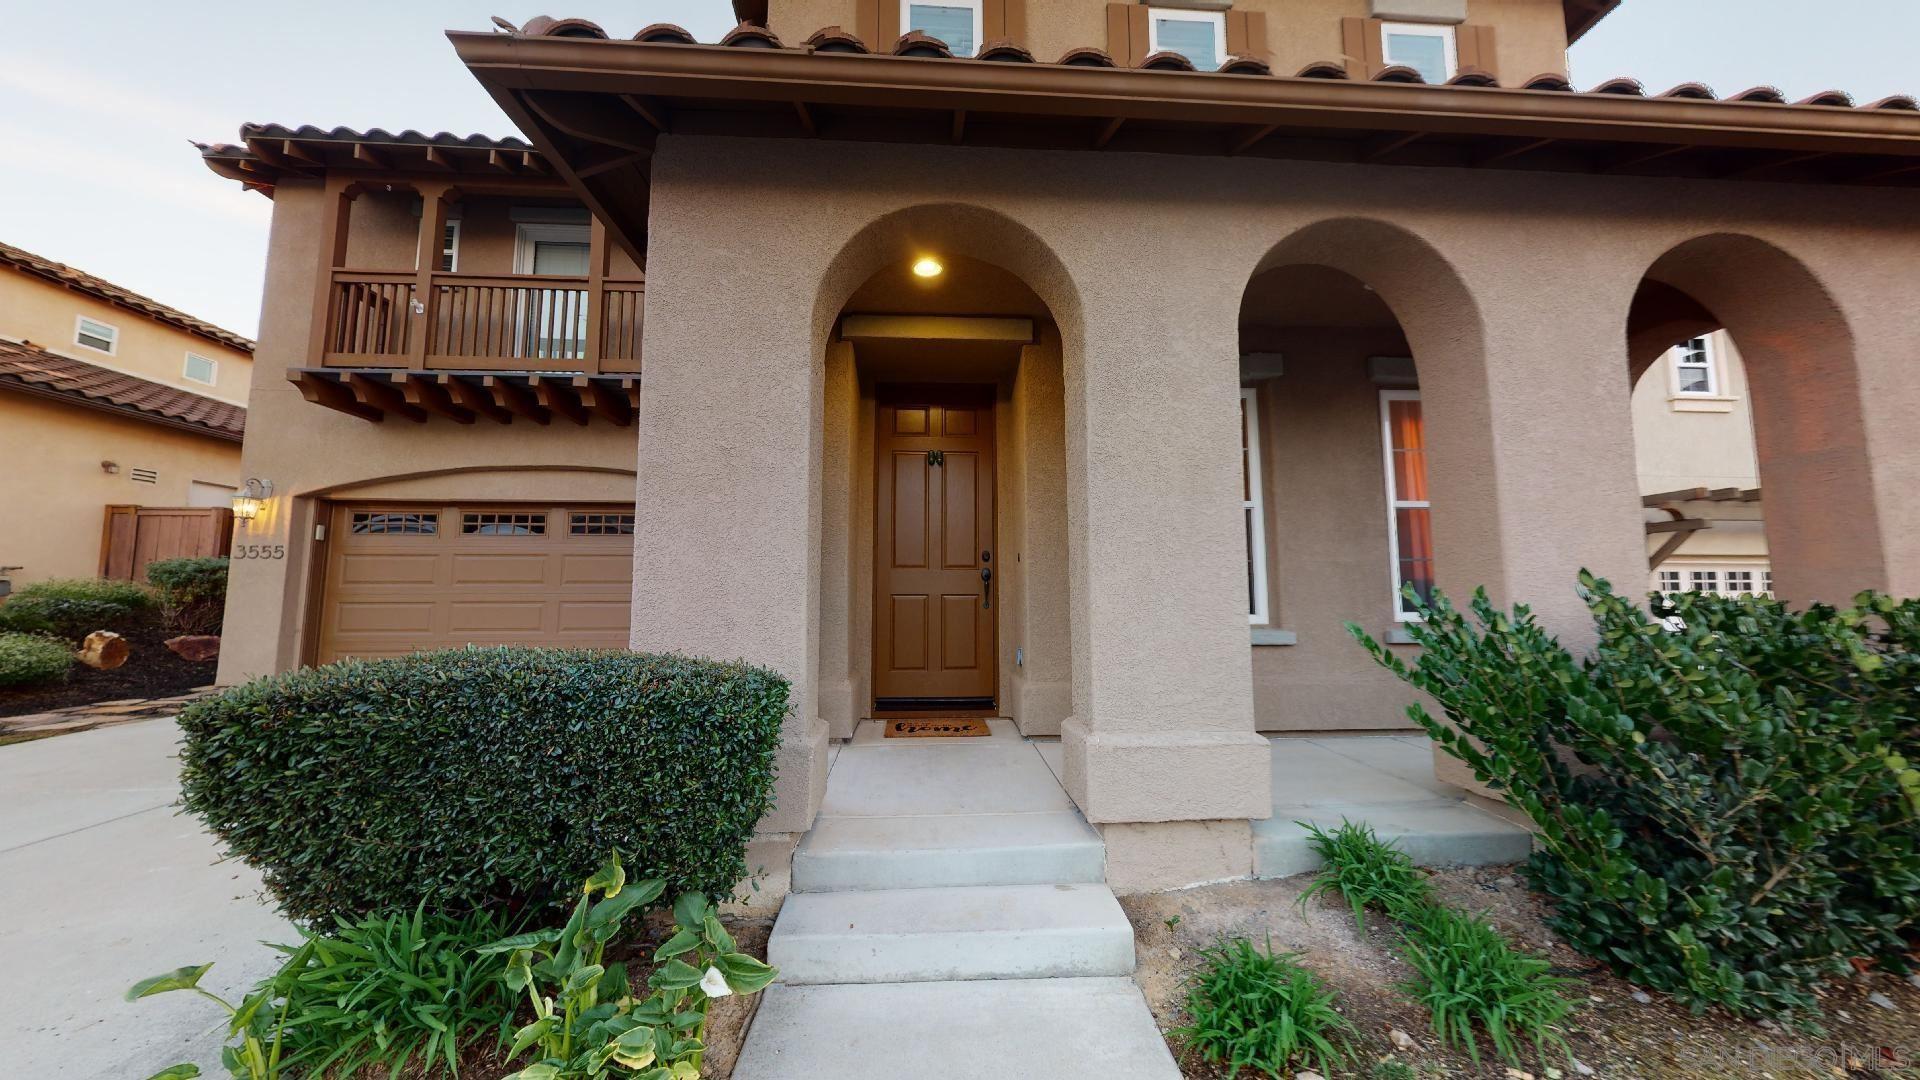 Photo of 3555 Flat Rock St, Carlsbad, CA 92010 (MLS # 210001634)